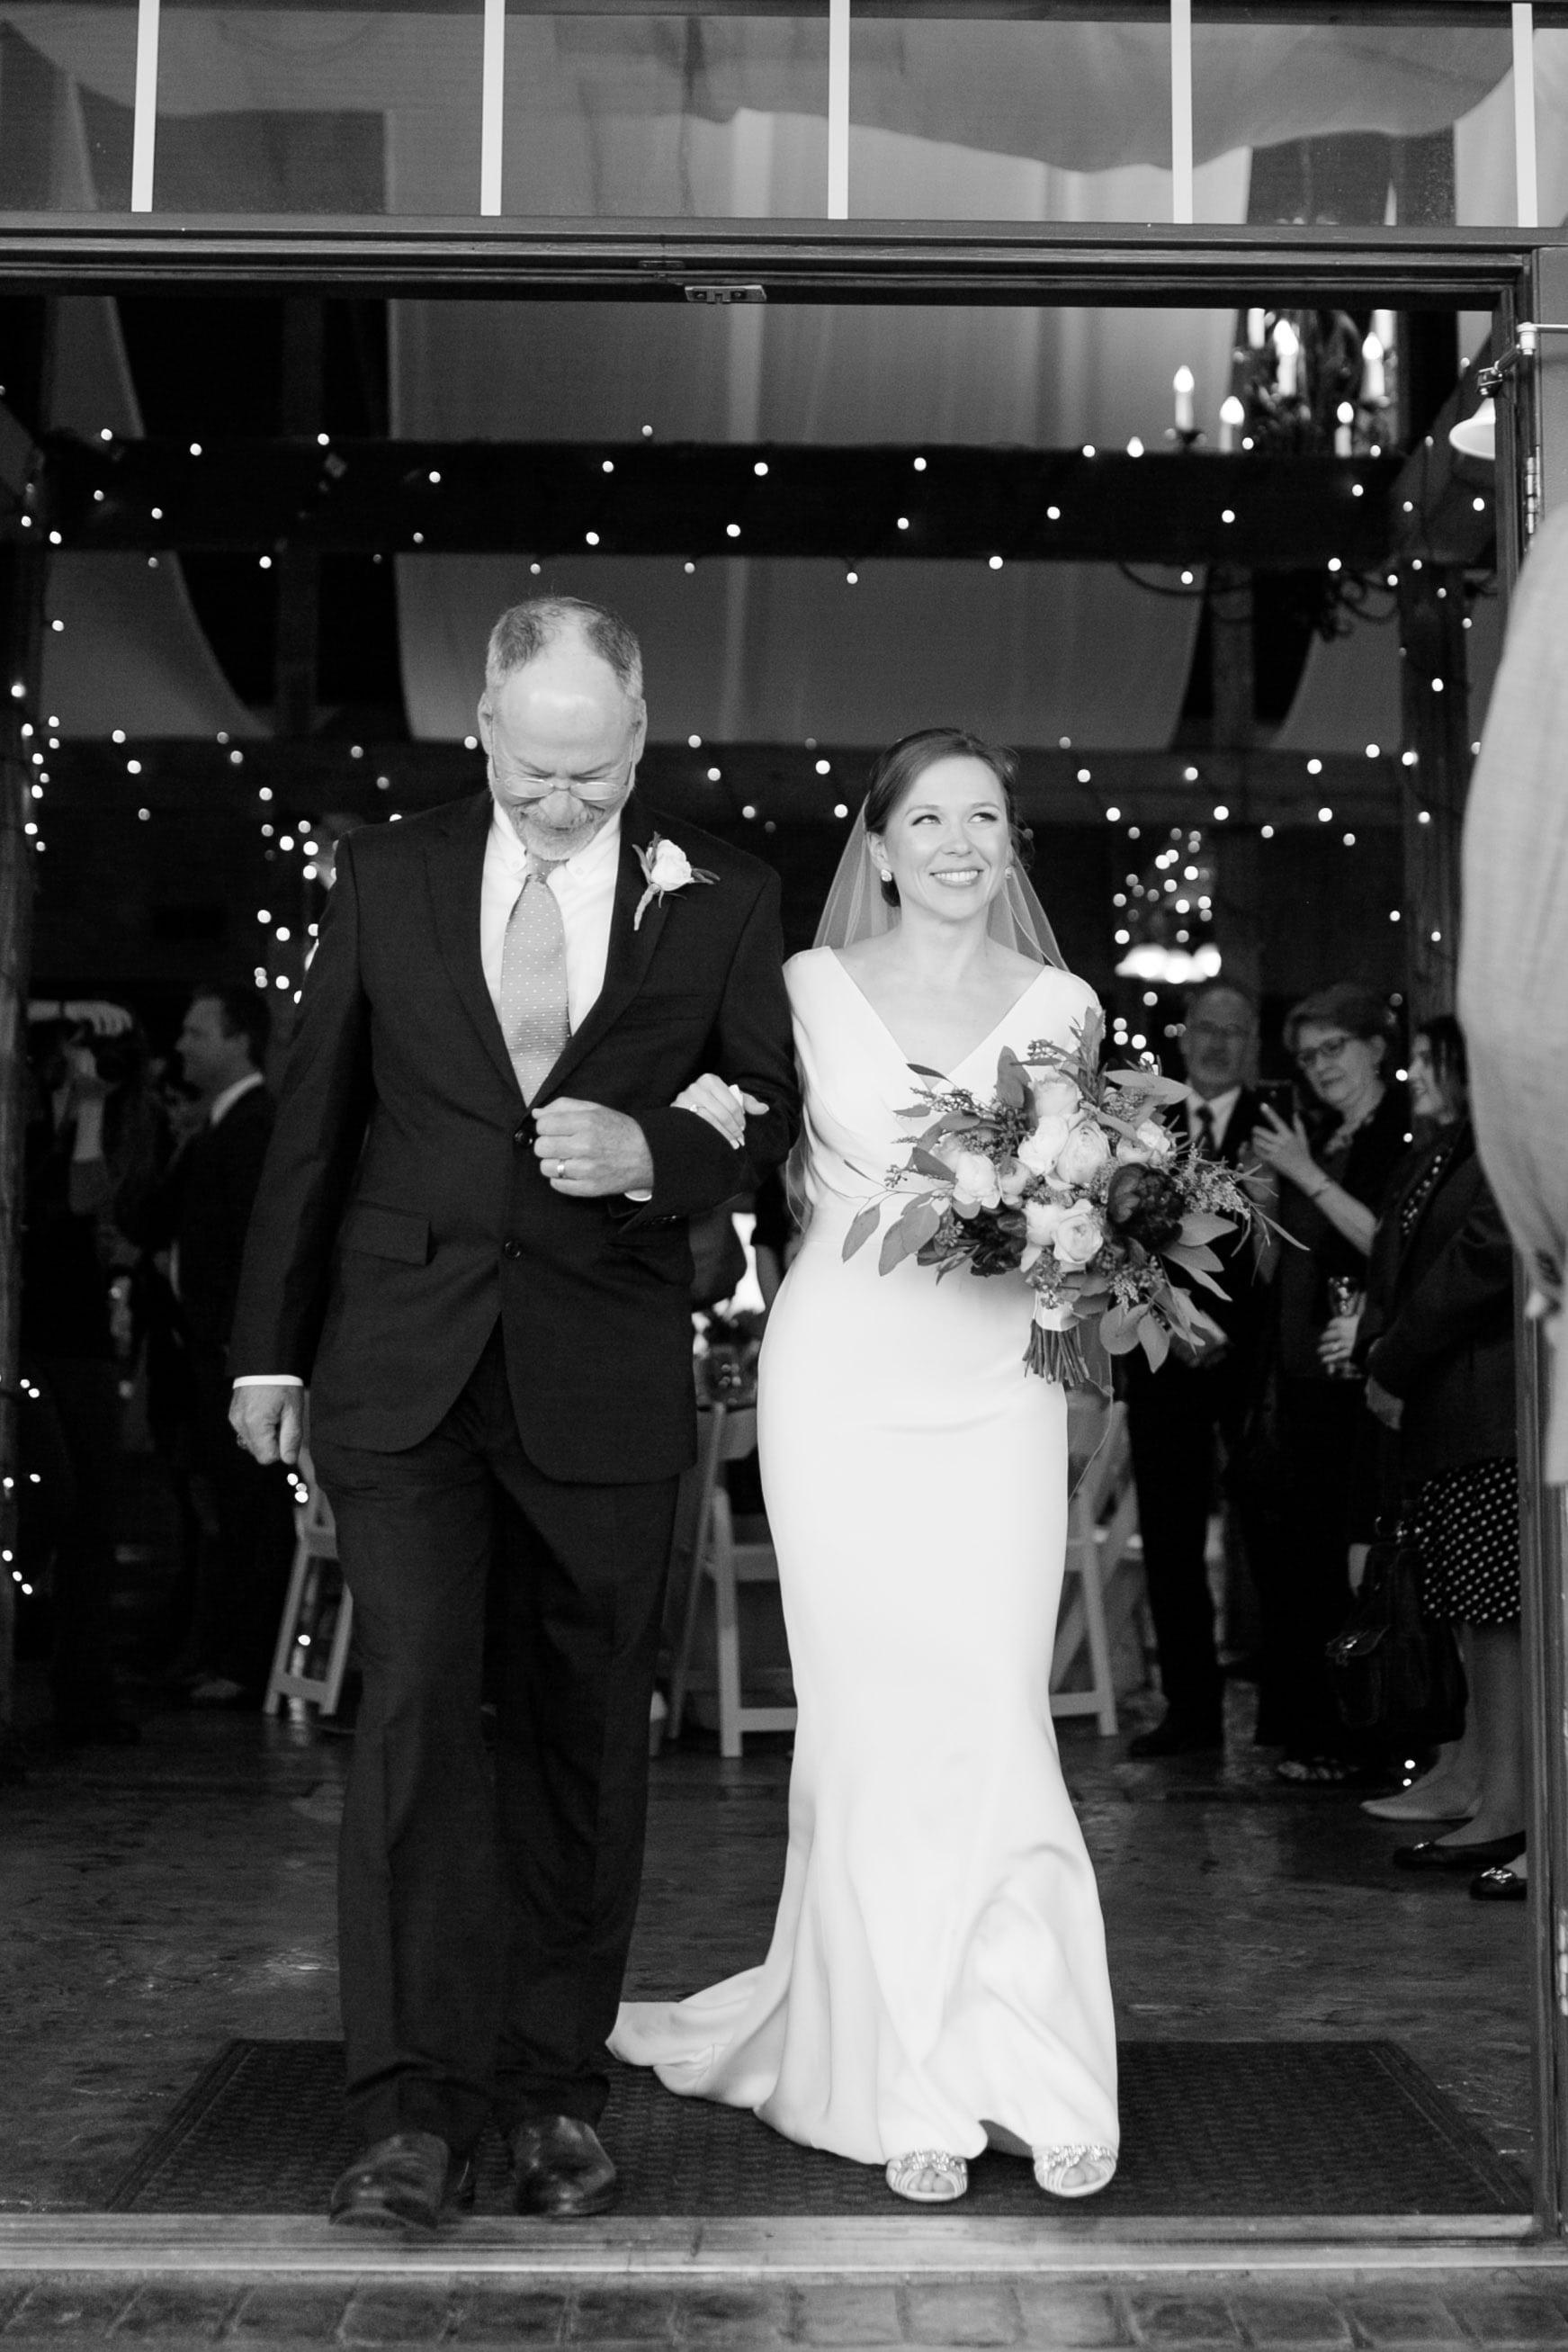 Mr. & Mrs. Schaper-7557